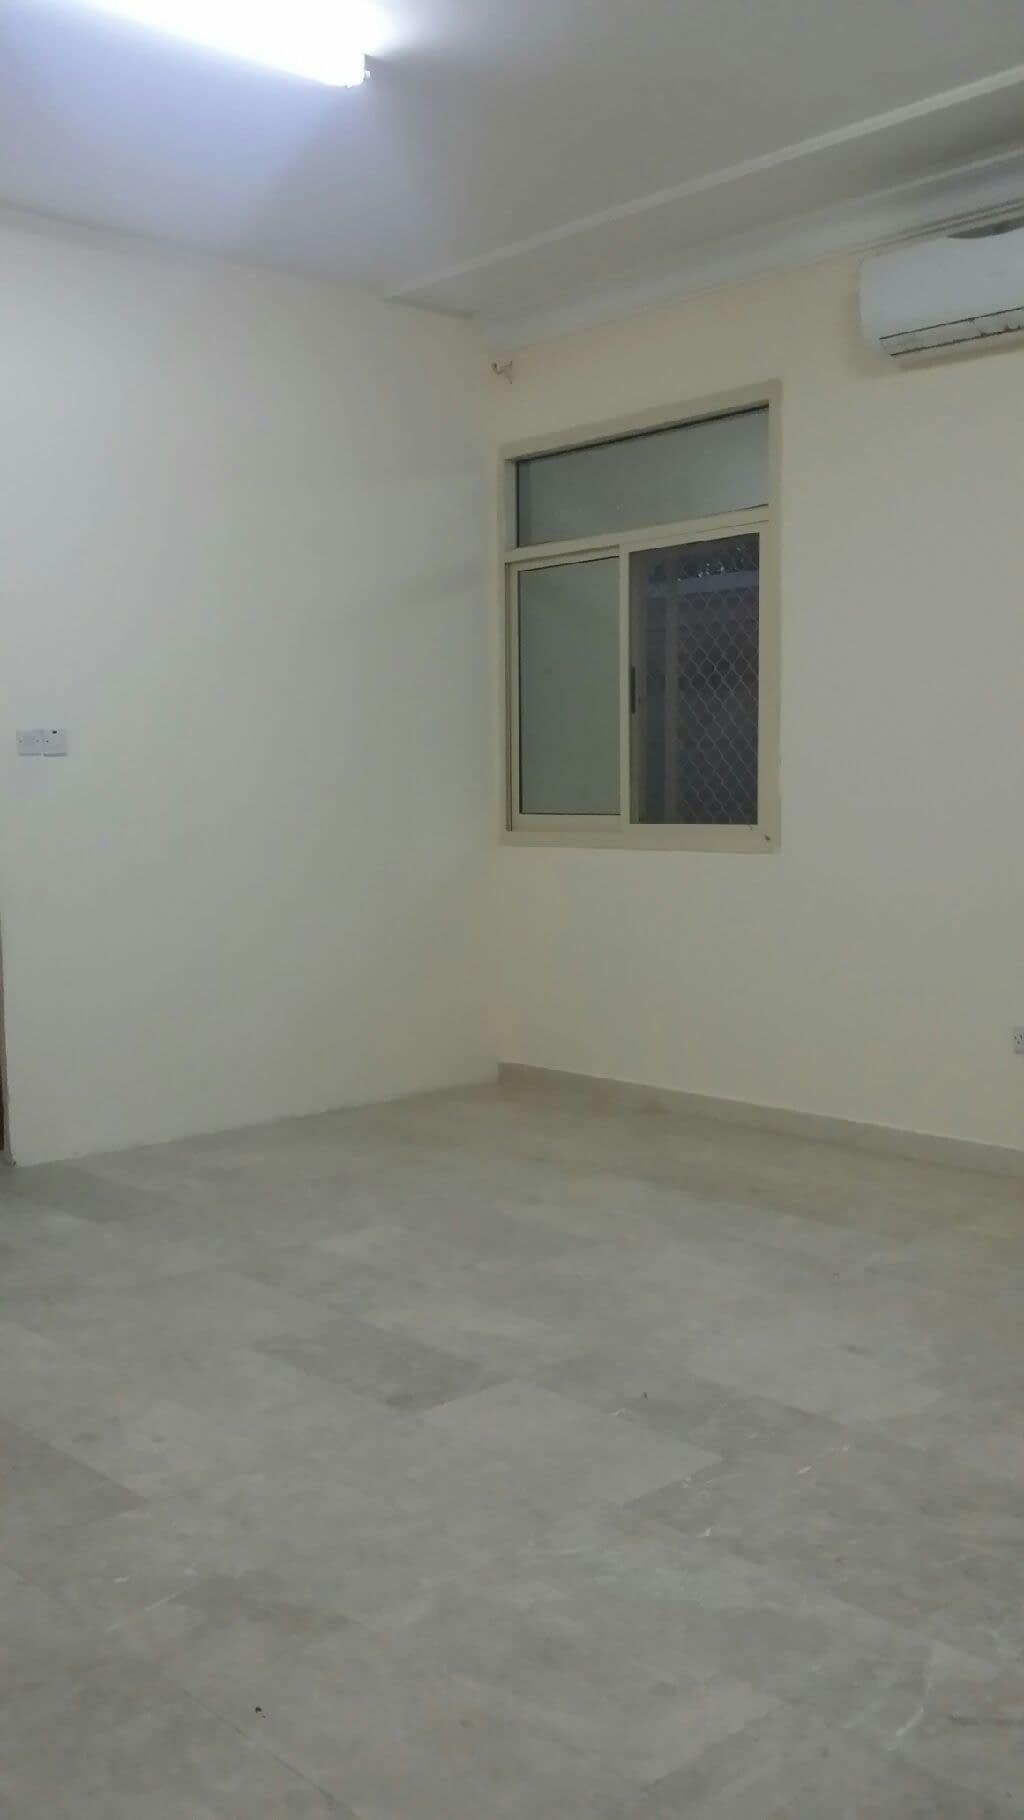 للإيجار في المشرف أبوظبي غرفة وصالة